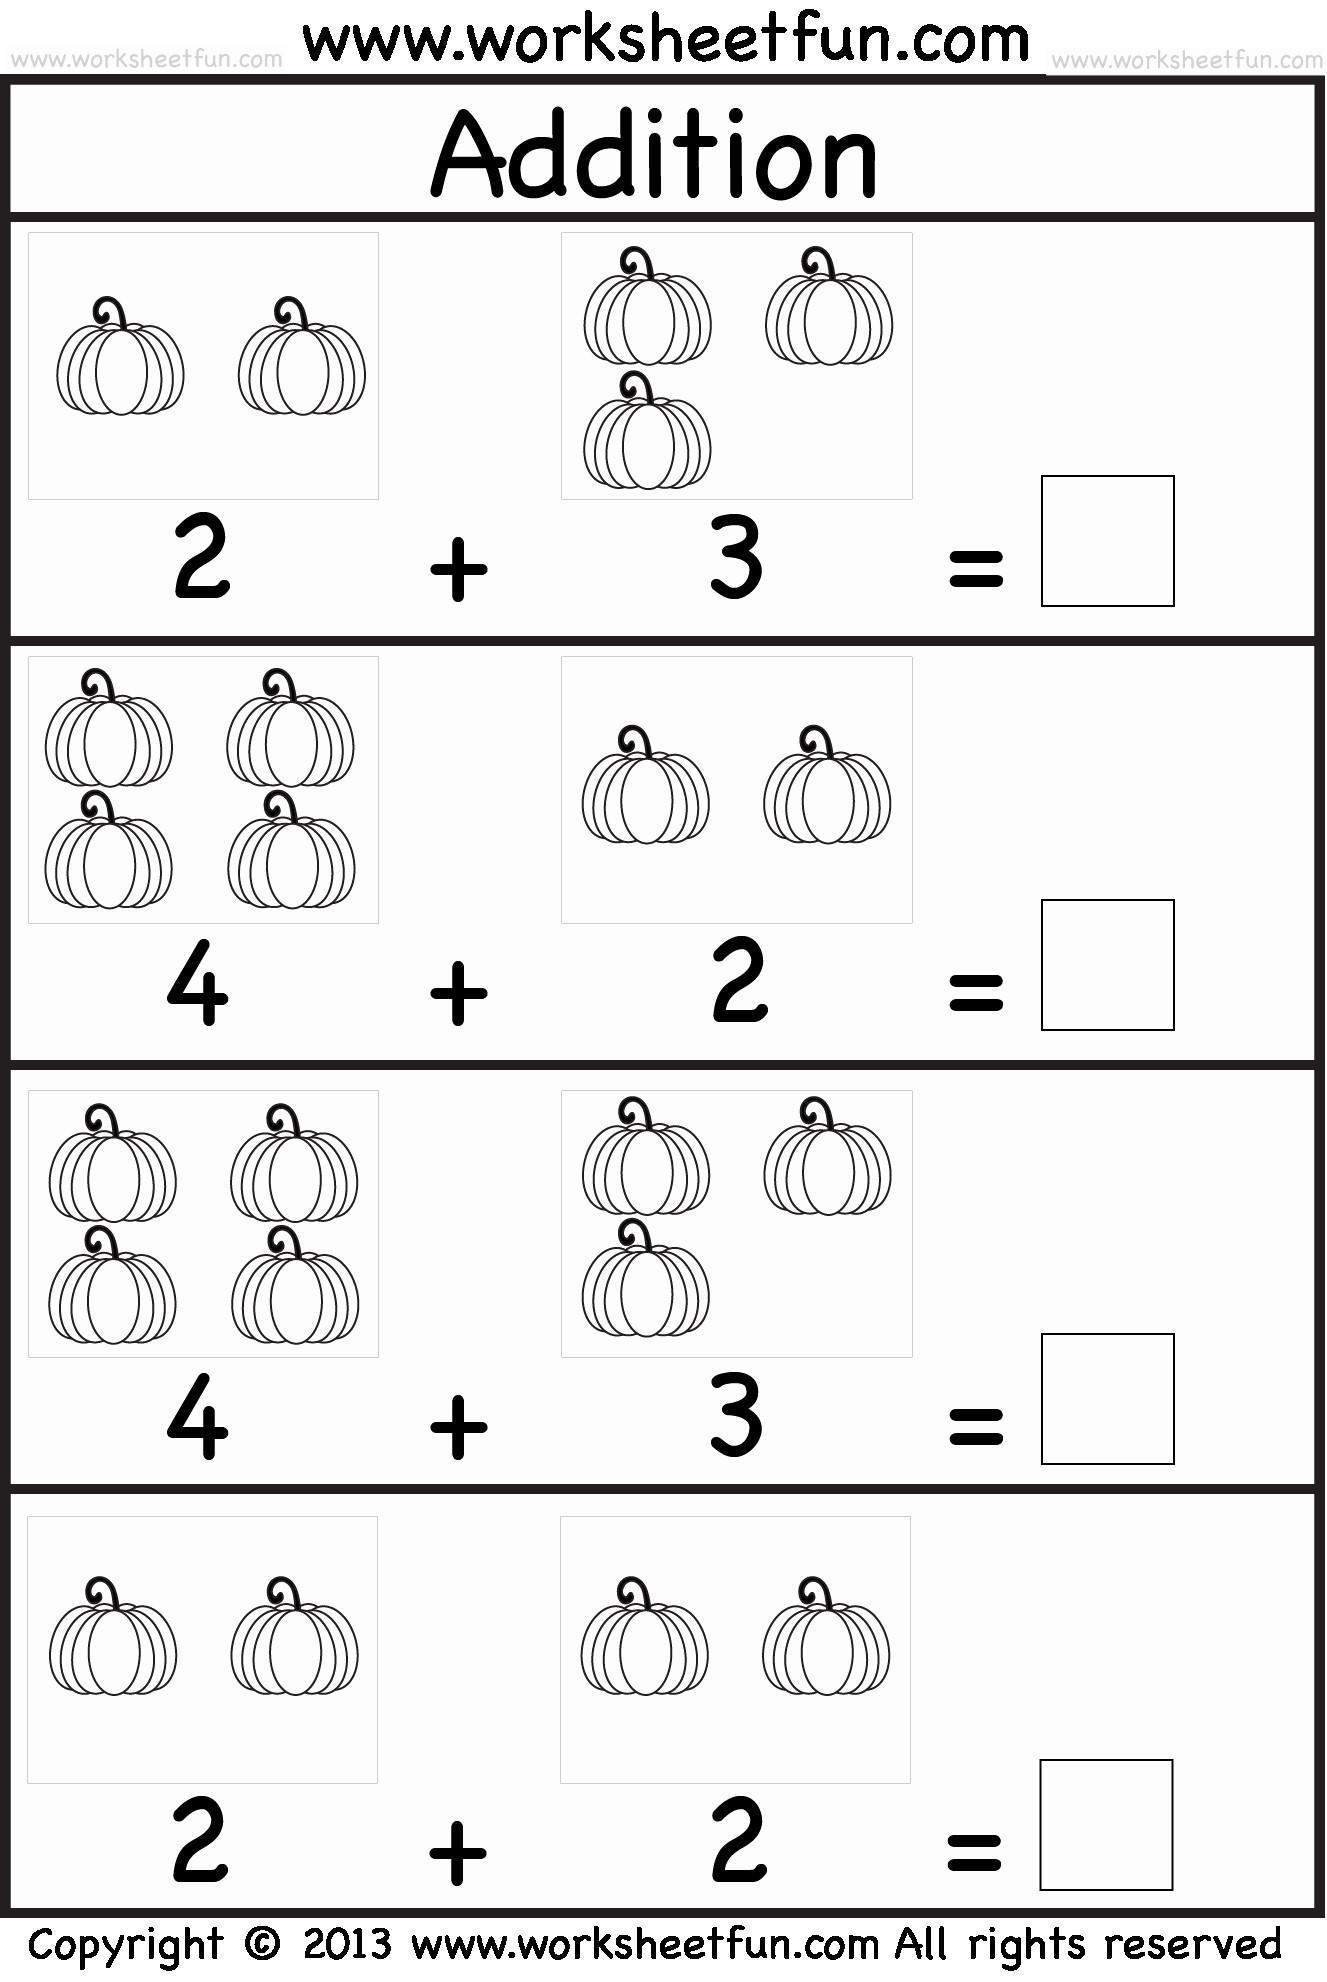 Kindergarten Math Worksheet Pdf Kindergarten Math Worksheets for Printable Free Sums with